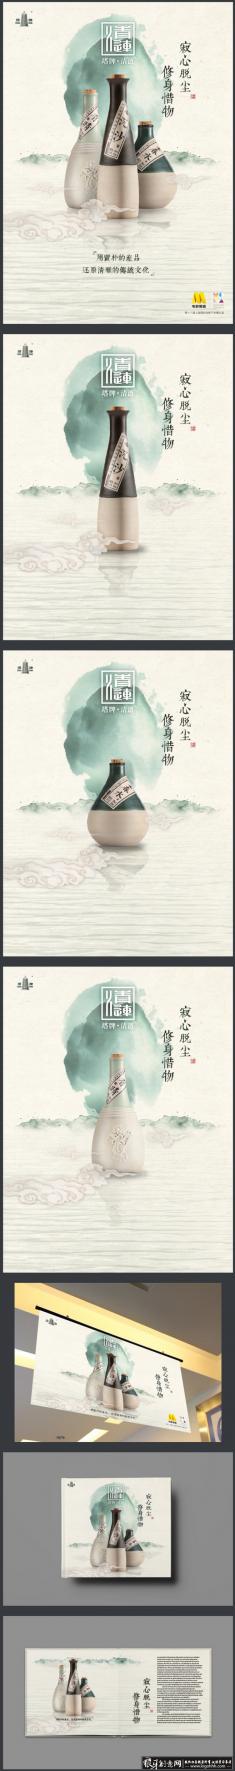 中国风酒海报 简约风格酒类海报设计 创意中国风酒广告 高档酒包装设计作品 酒宣传海报